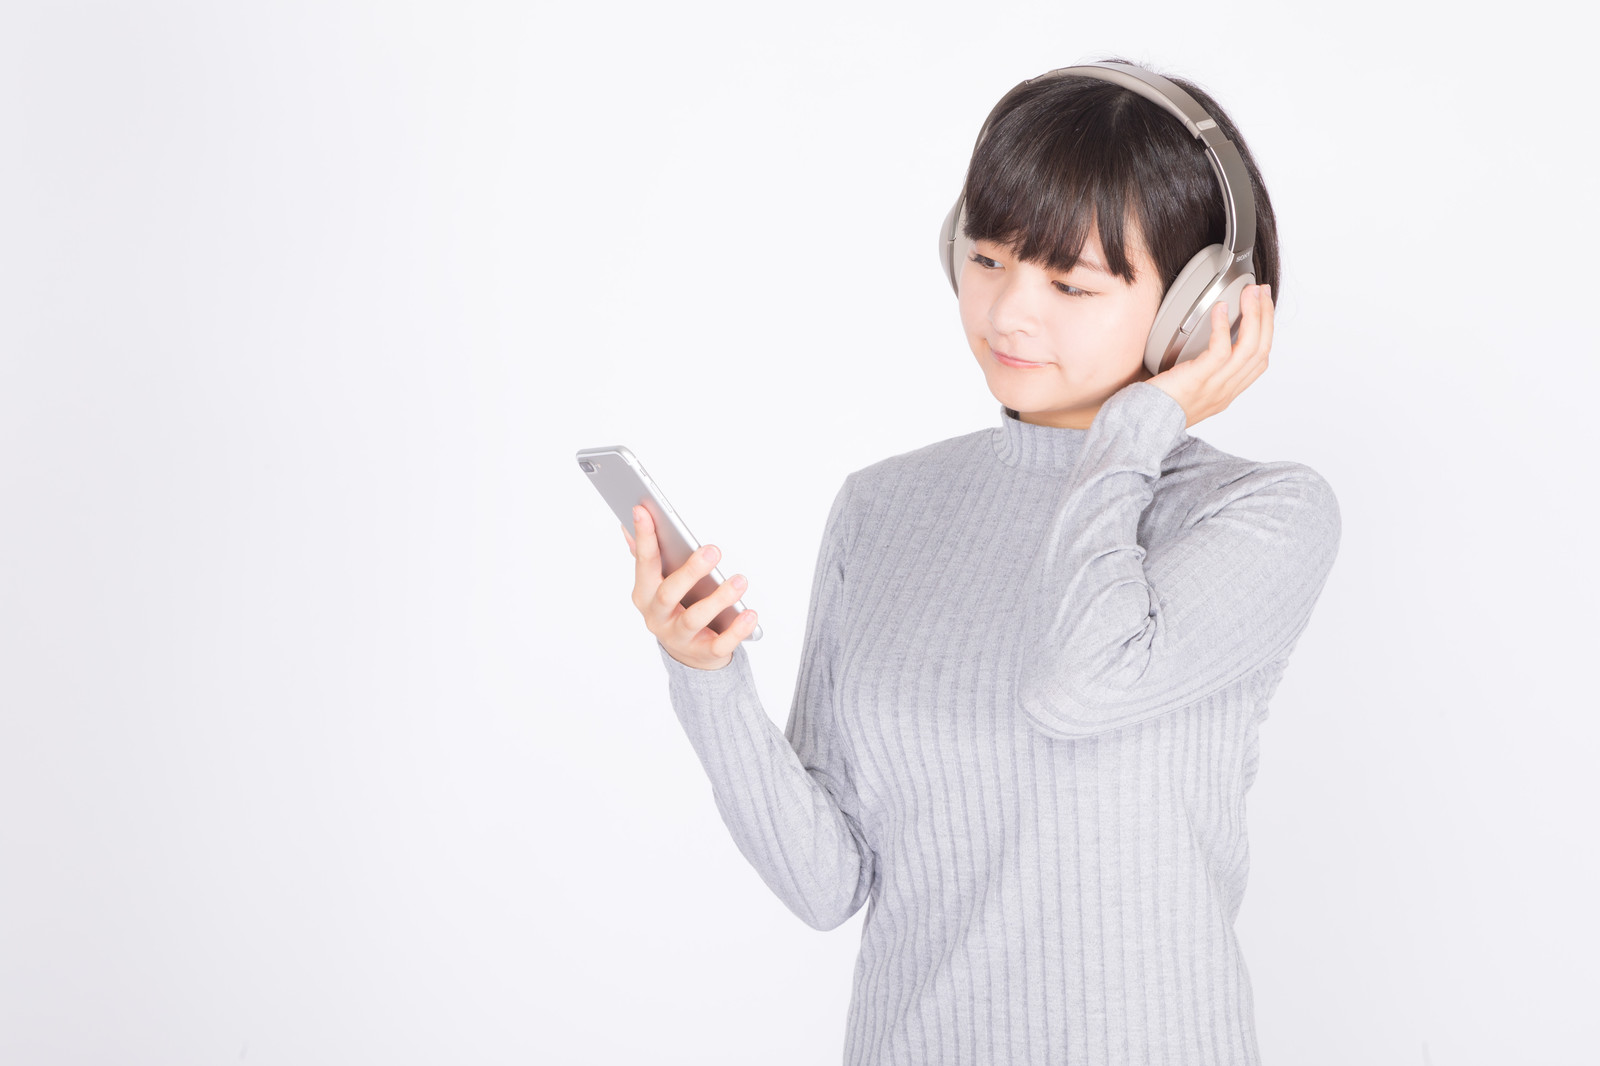 「スマホで音楽を楽しむ女性」の写真[モデル:千歳]